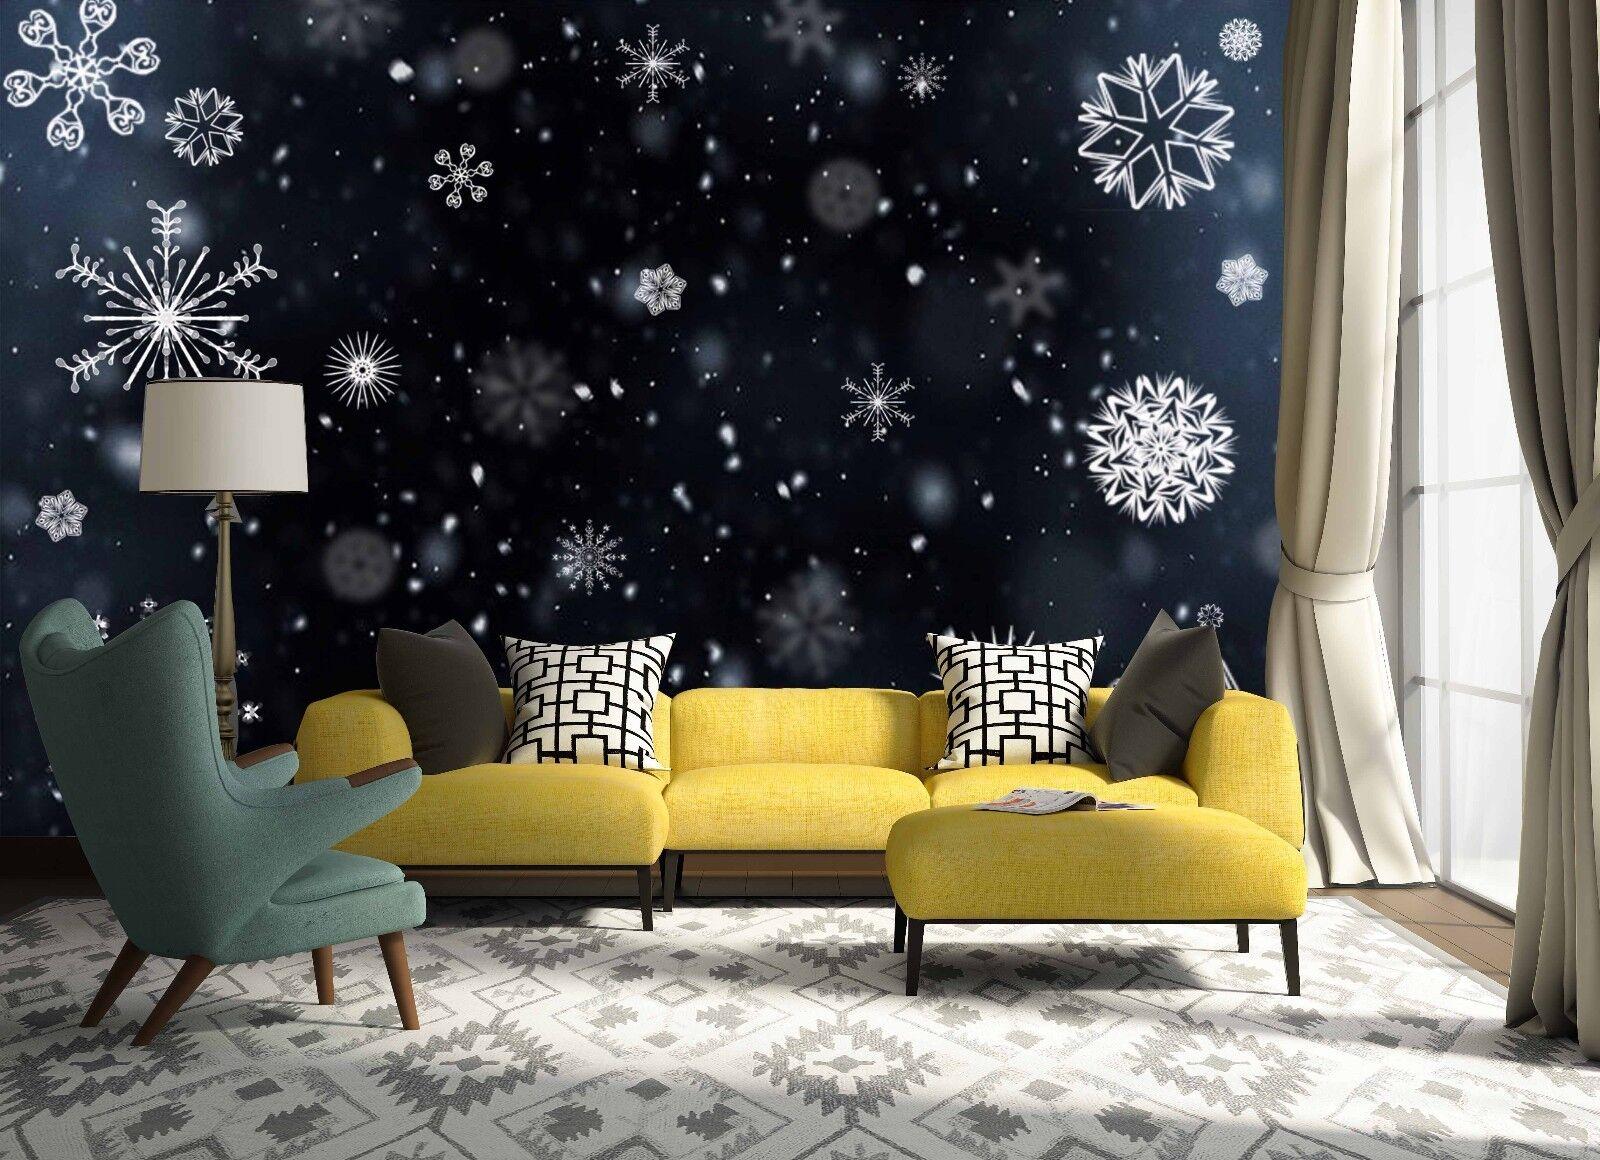 3D Snowflake 65 Wallpaper Murals Wall Print Wallpaper Mural AJ WALLPAPER UK